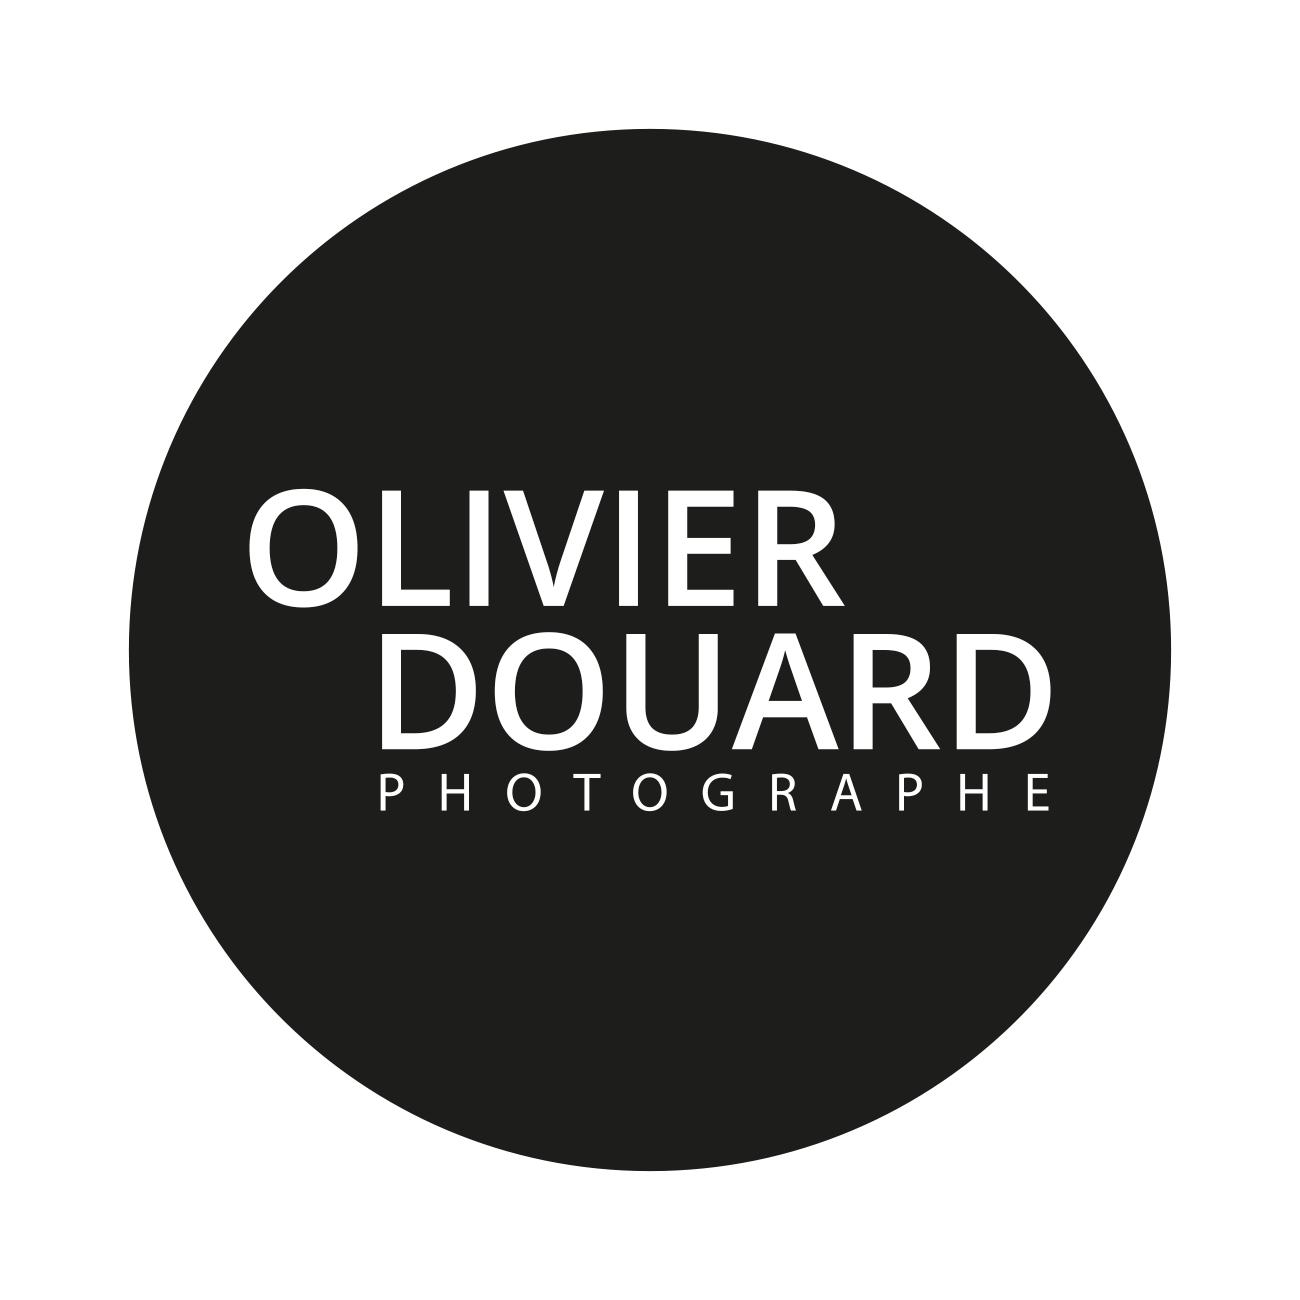 photographe trombinoscope entreprise